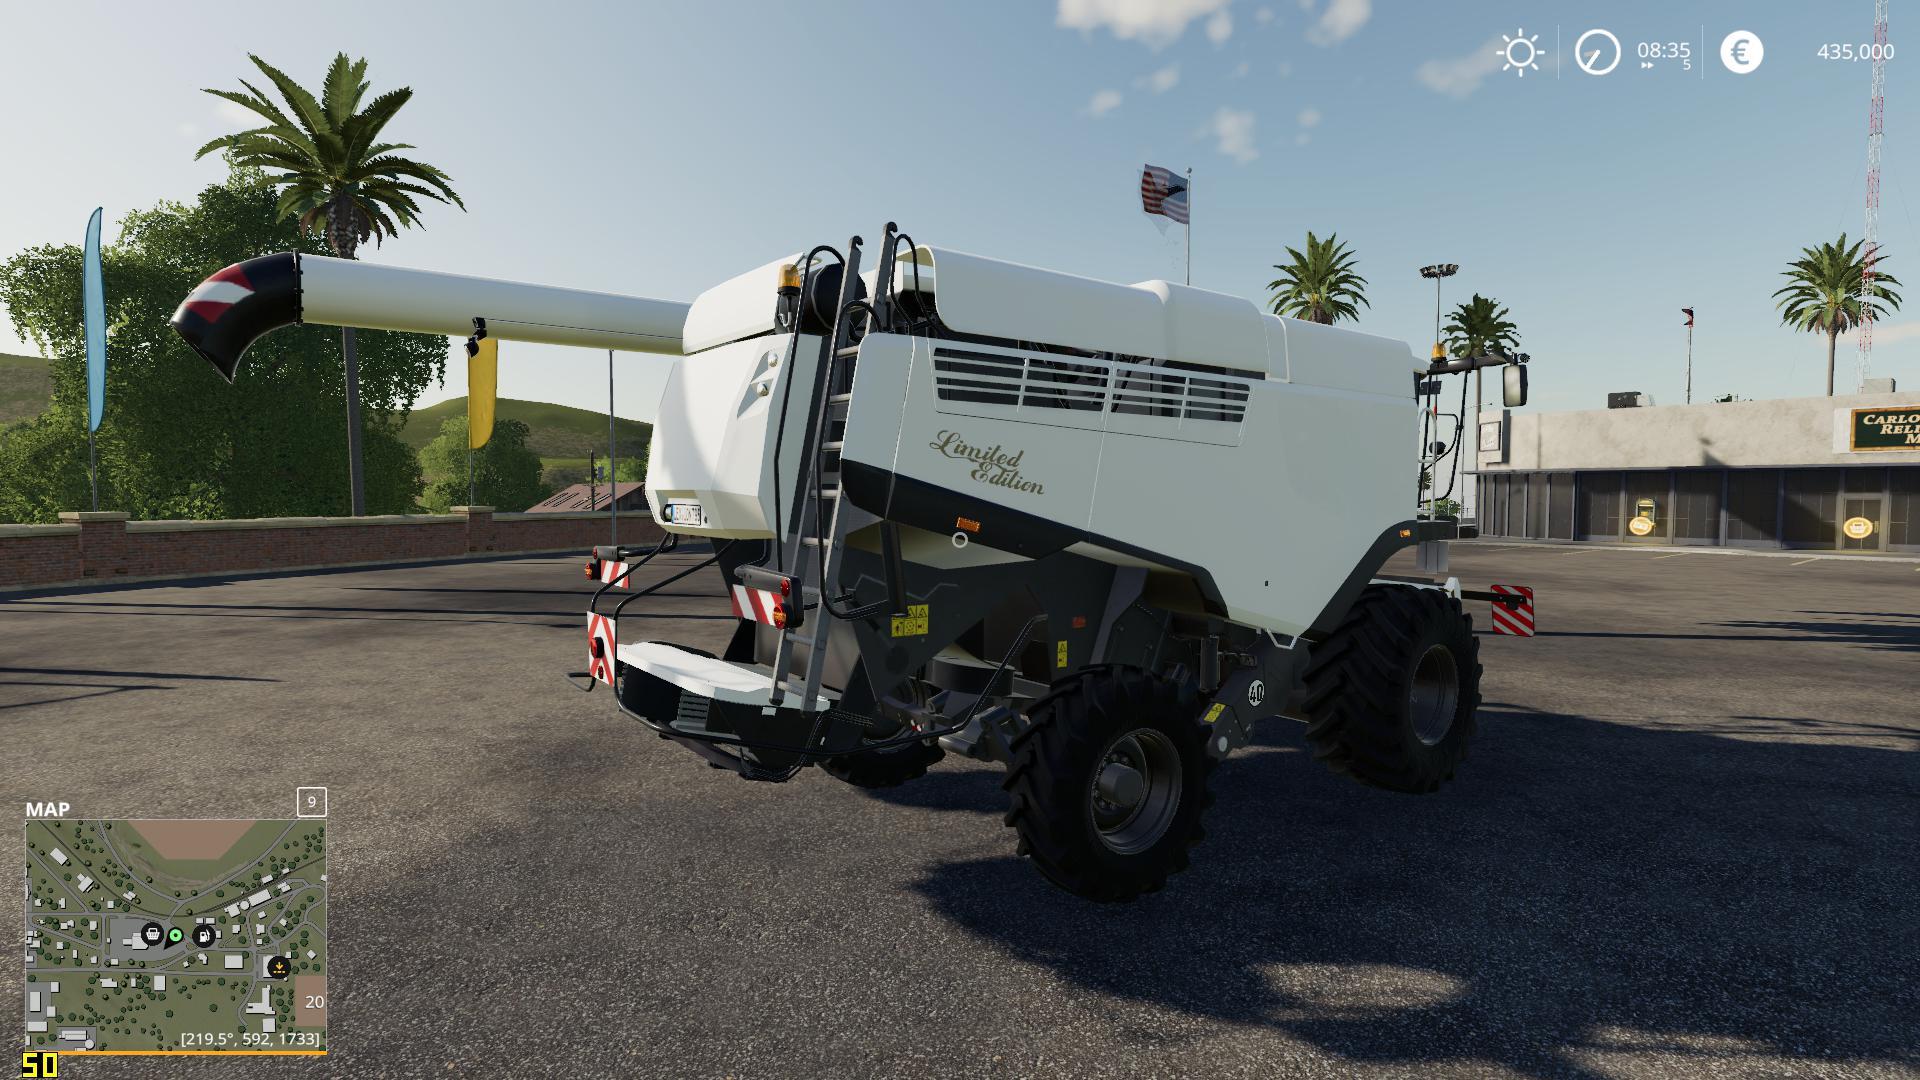 Class Lexion 795 Vyciuzz Edition (White) v2 0 0 3 LS 19